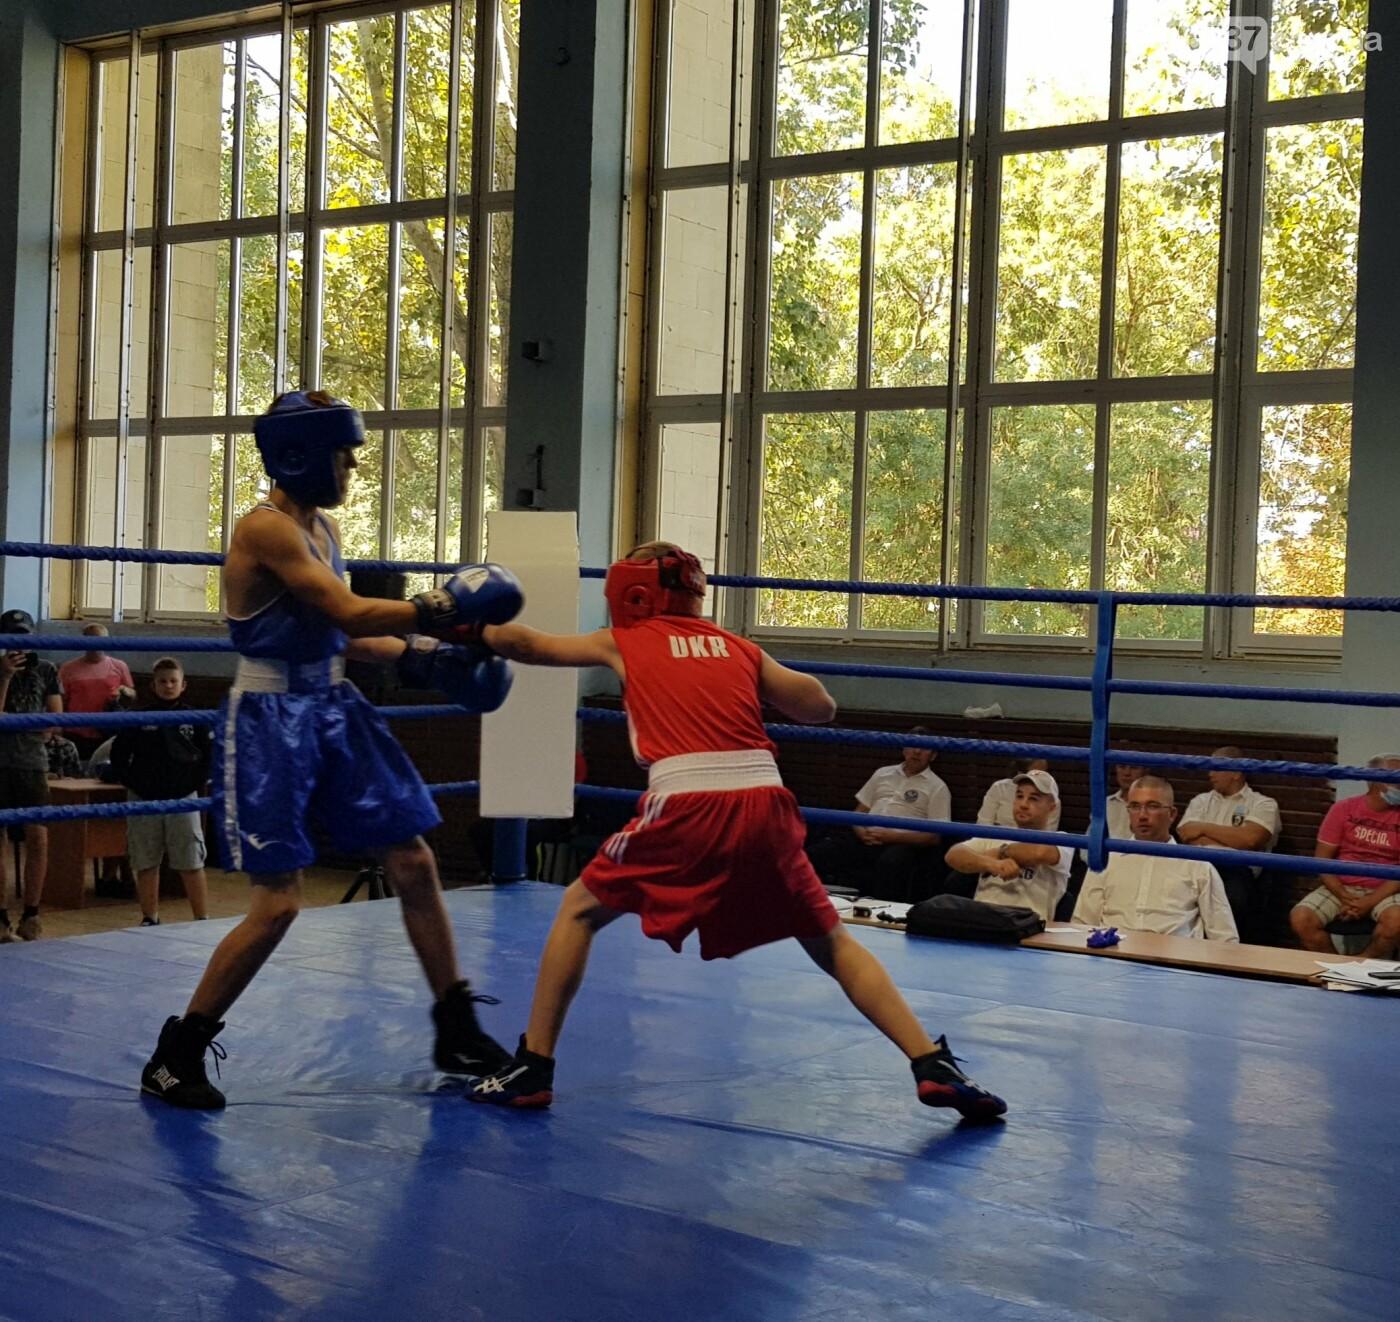 В Скадовске стартовал чемпионат Украины по боксу , фото-3